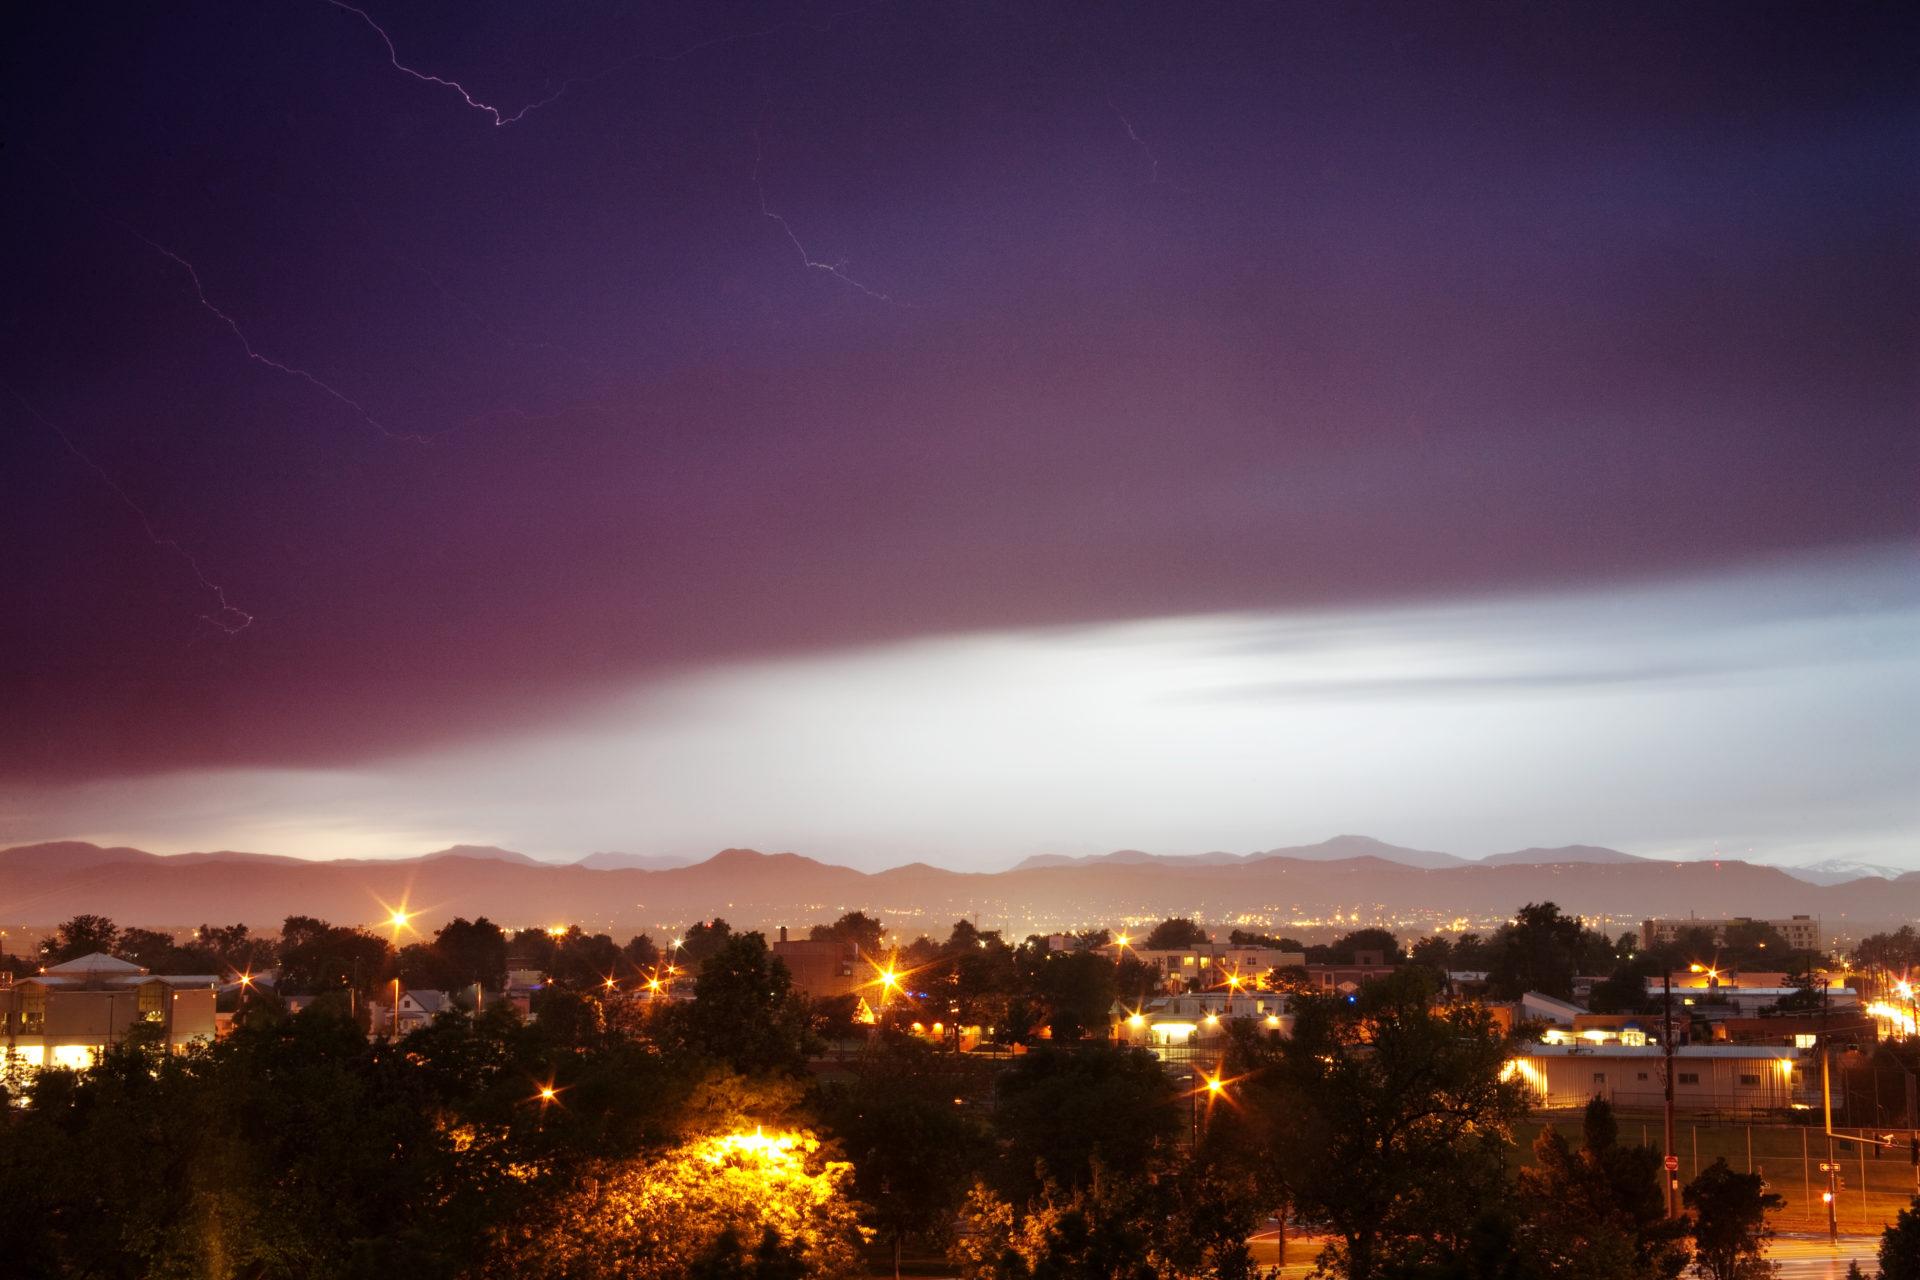 Mount Evans and lightning - June 30, 2011